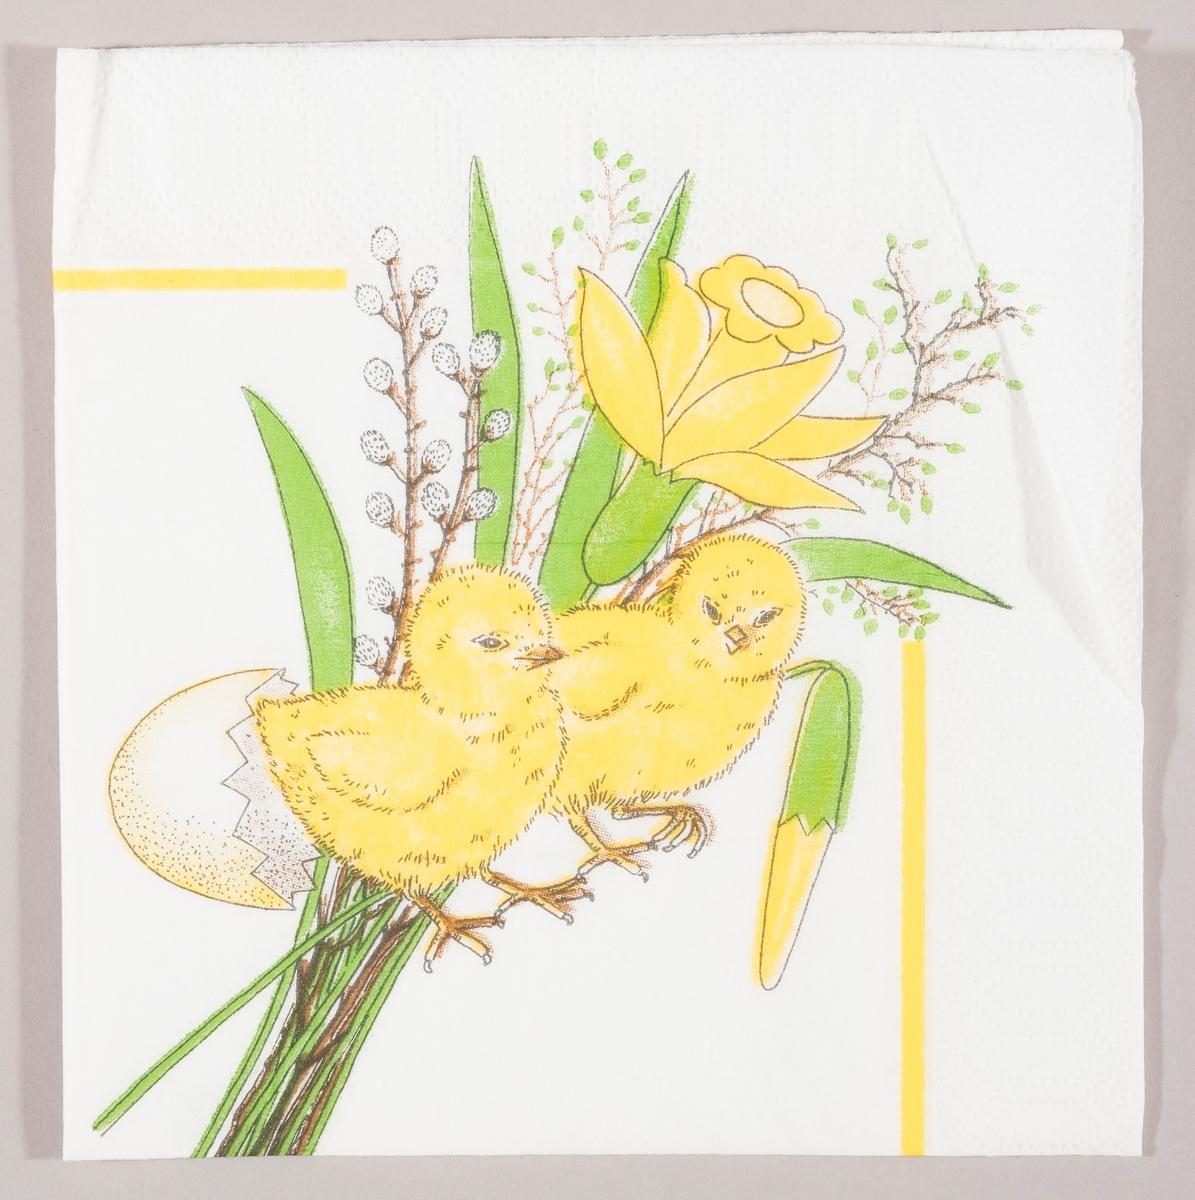 """To påskekyllinger og skallet av et egg. En bukett med en påskelilje, en gren med """"gåsunger og grener med grønne skudd."""